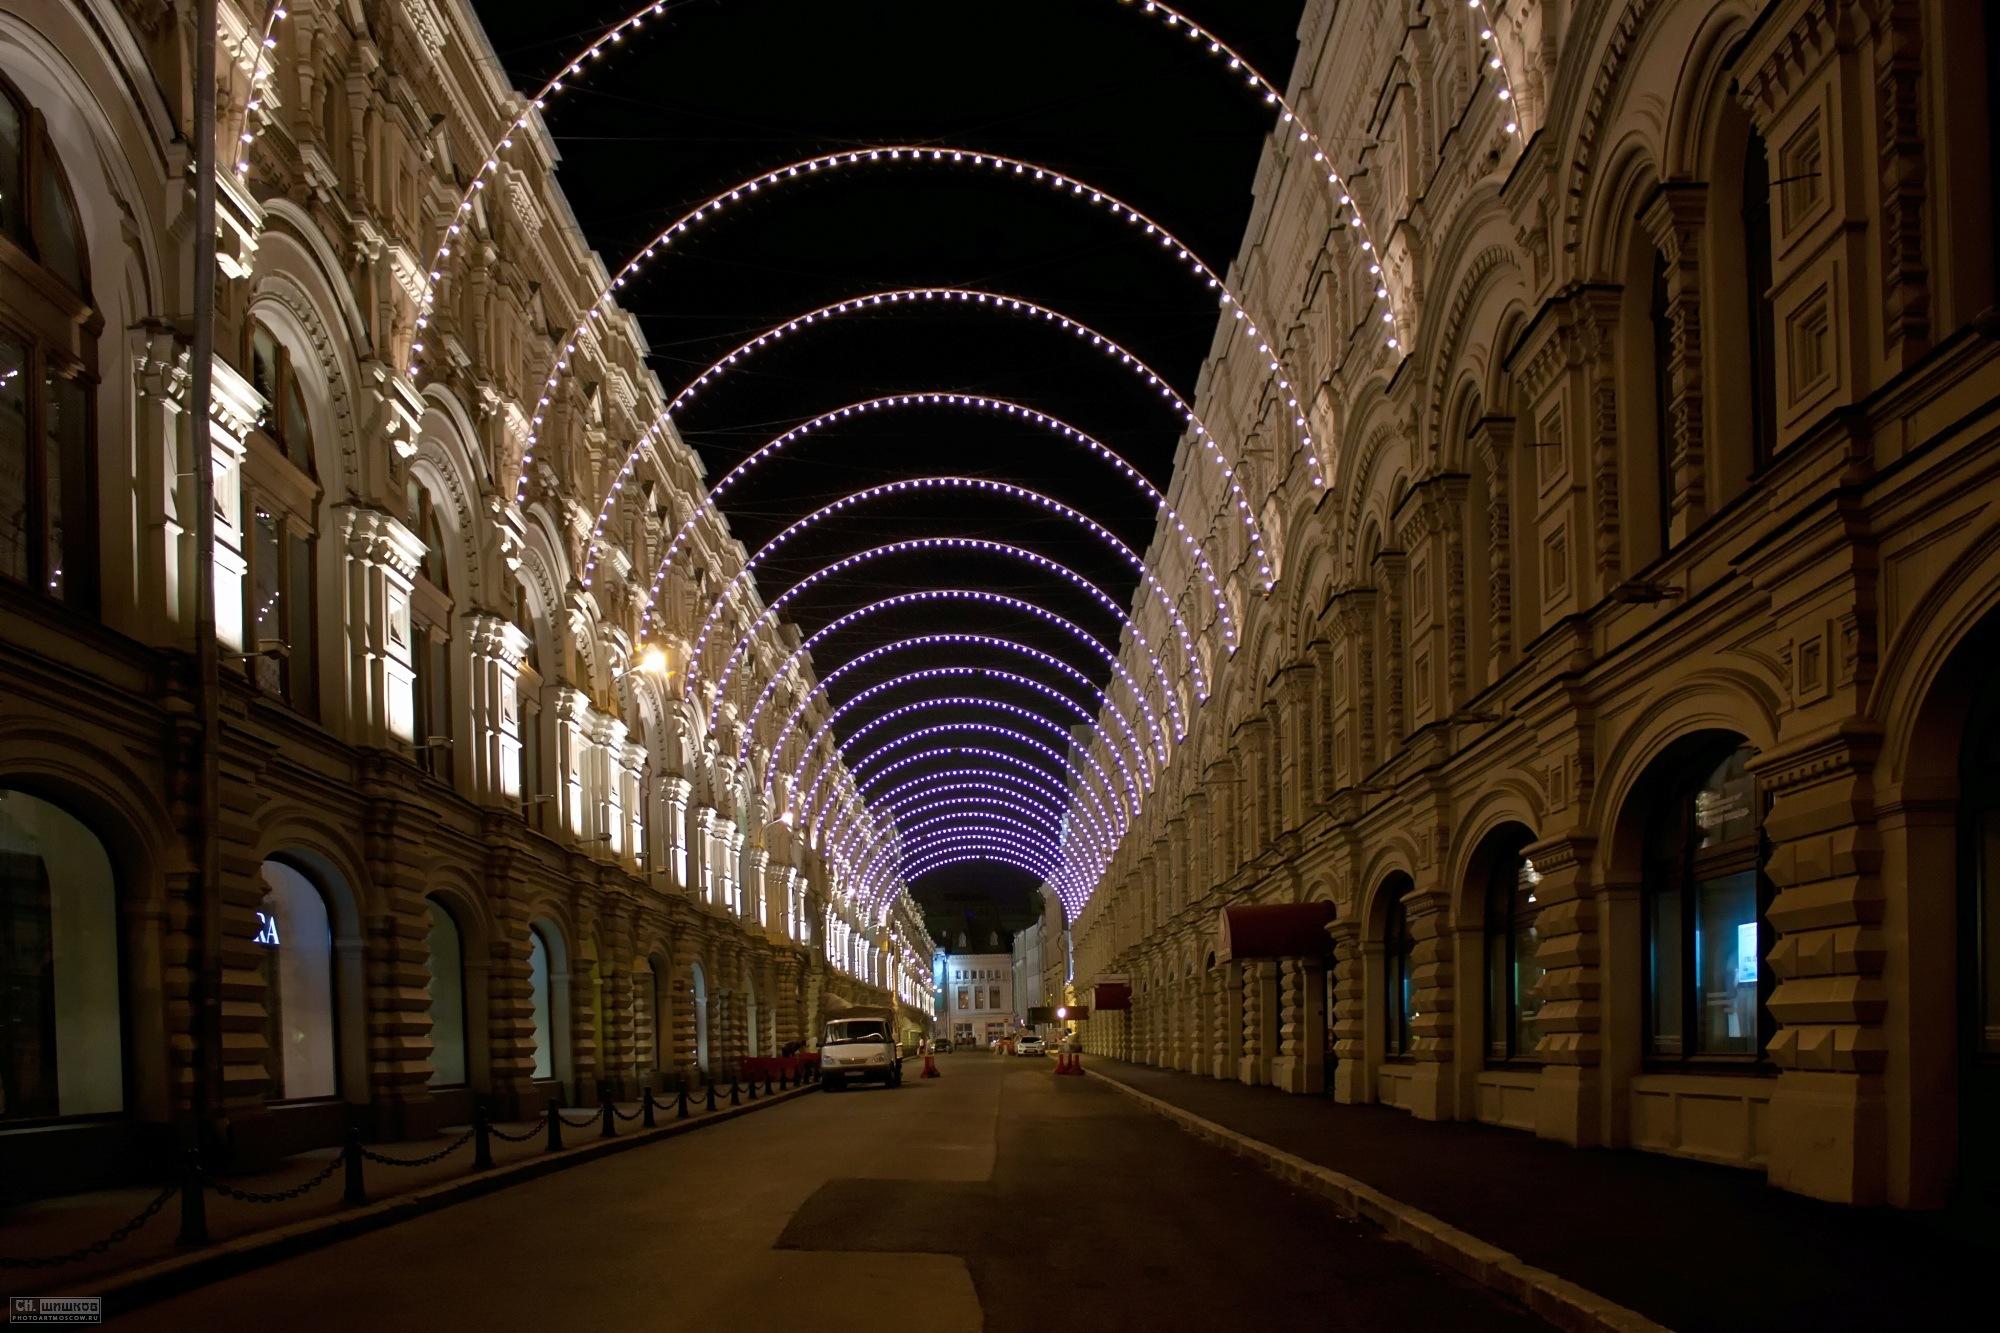 Moscow by Sergey Shishkov